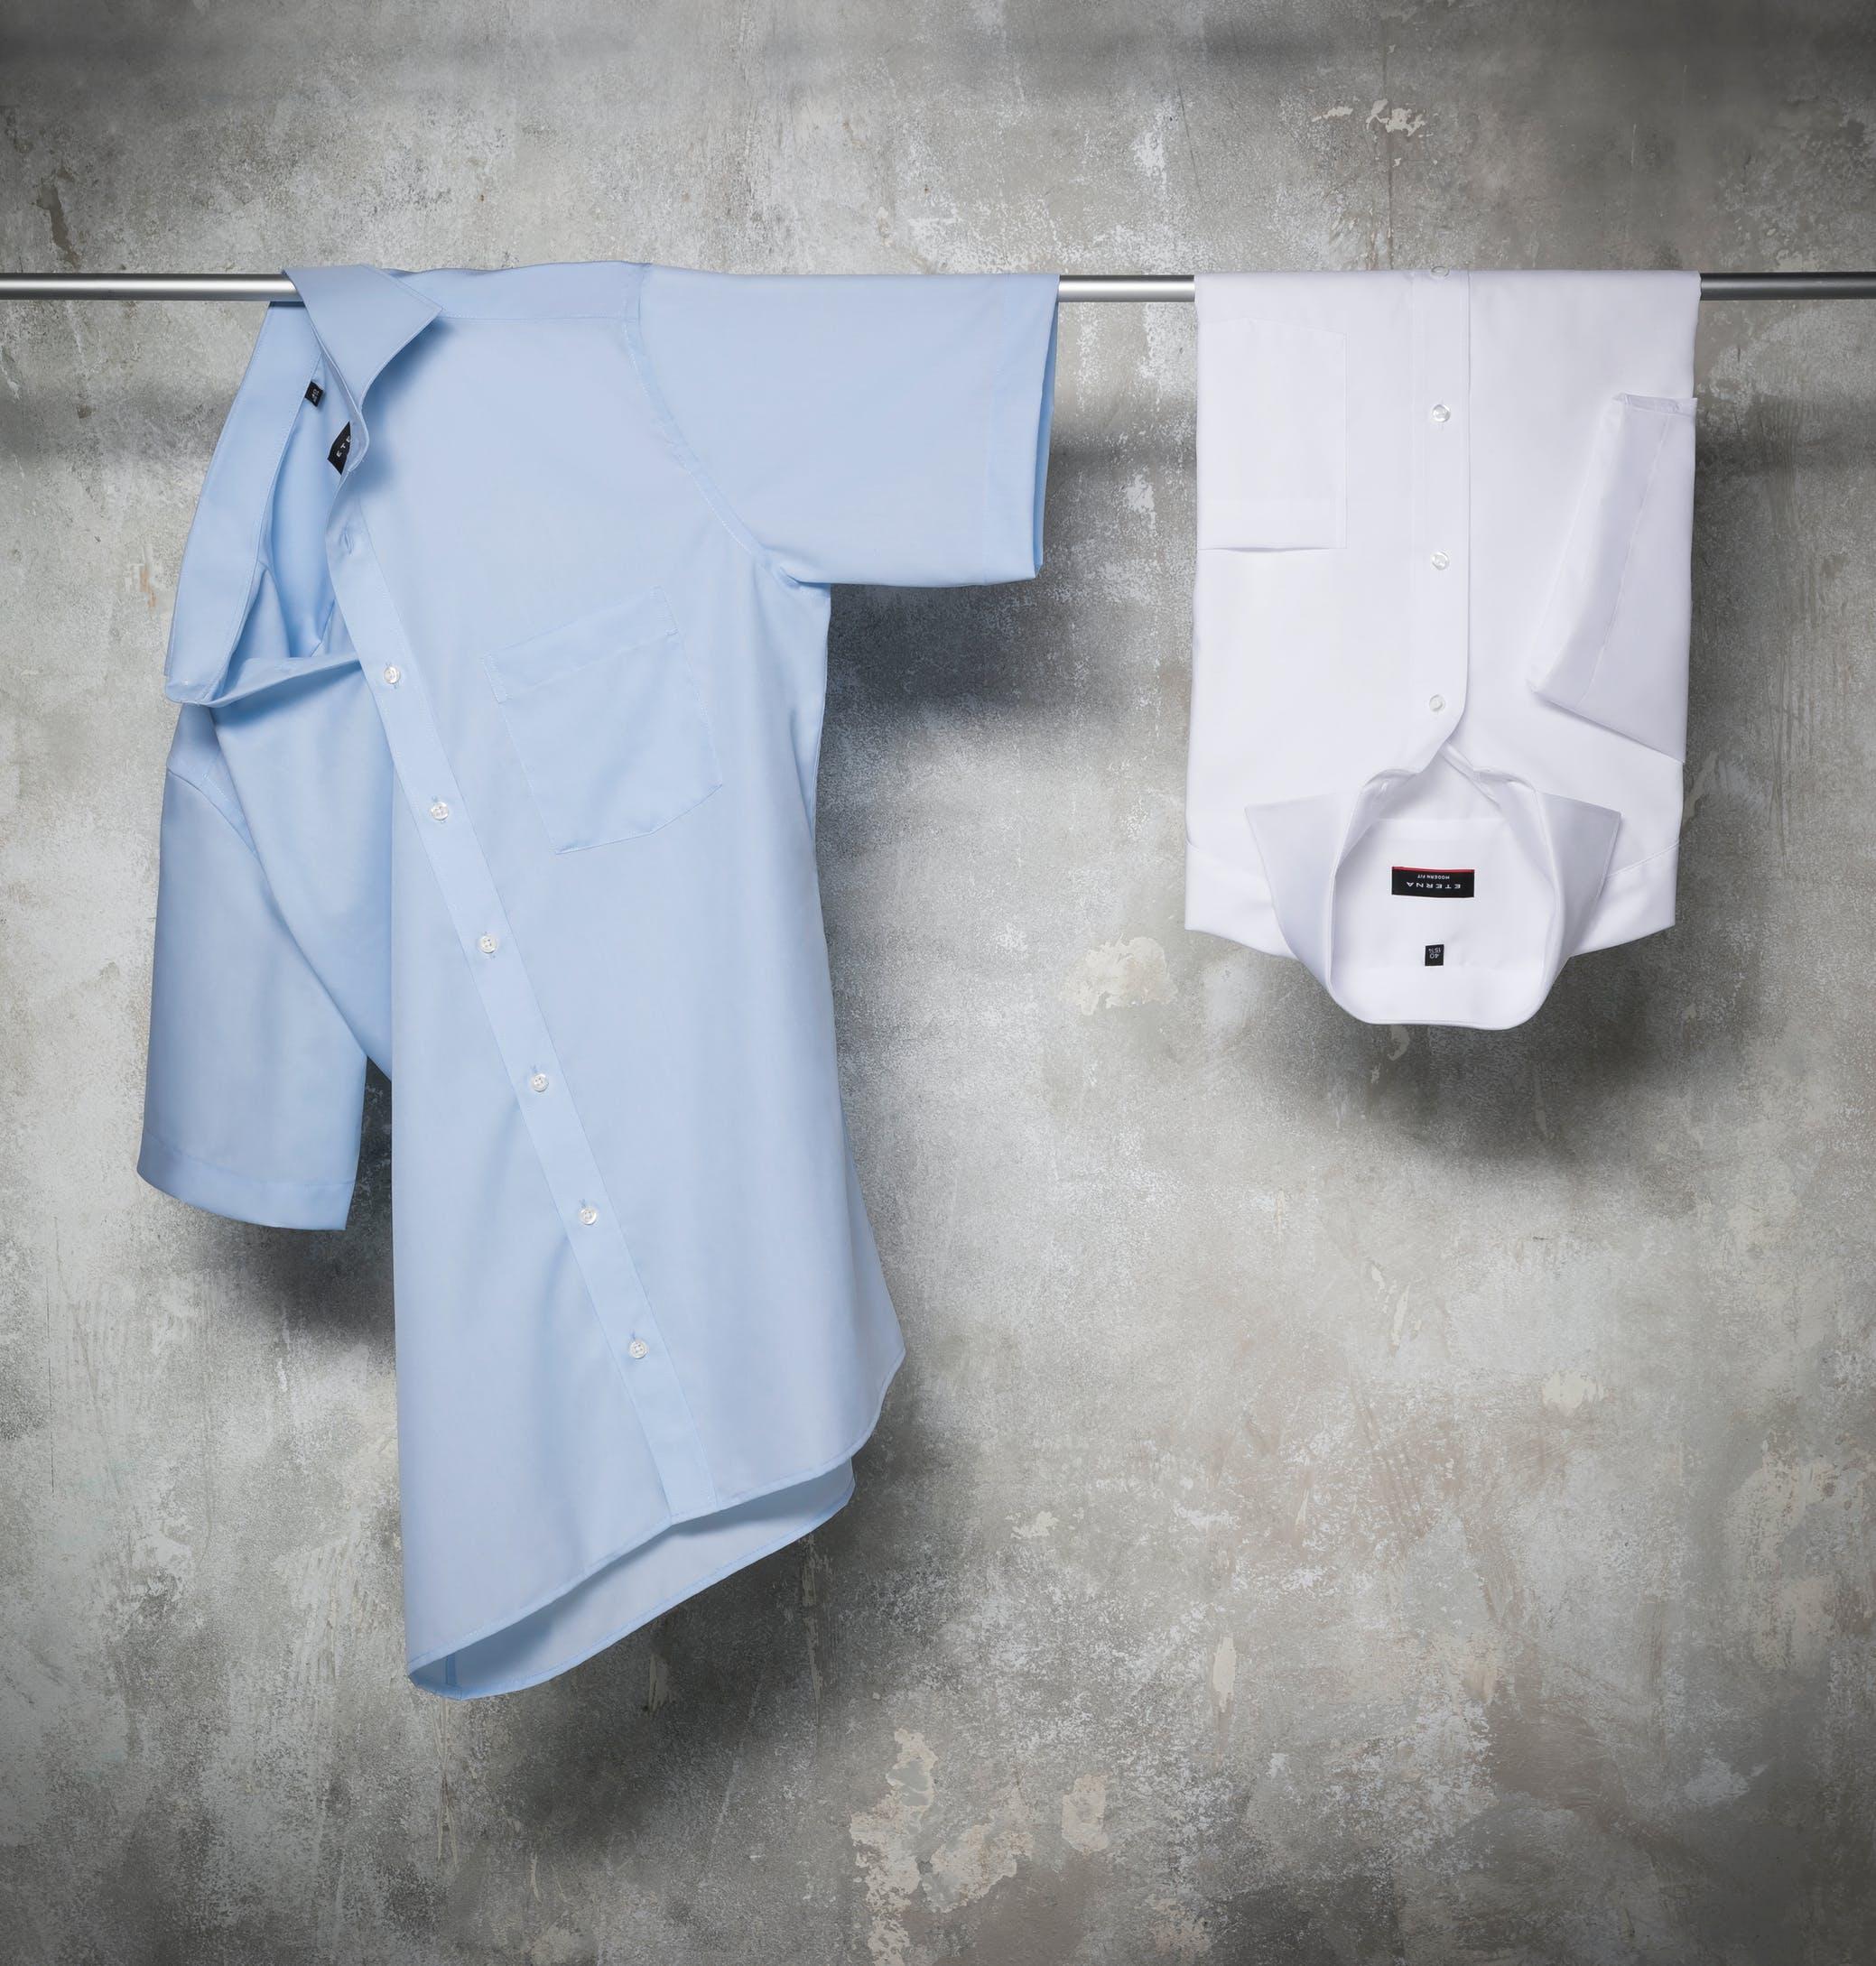 Eterna overhemden kopen opgehangen shirts